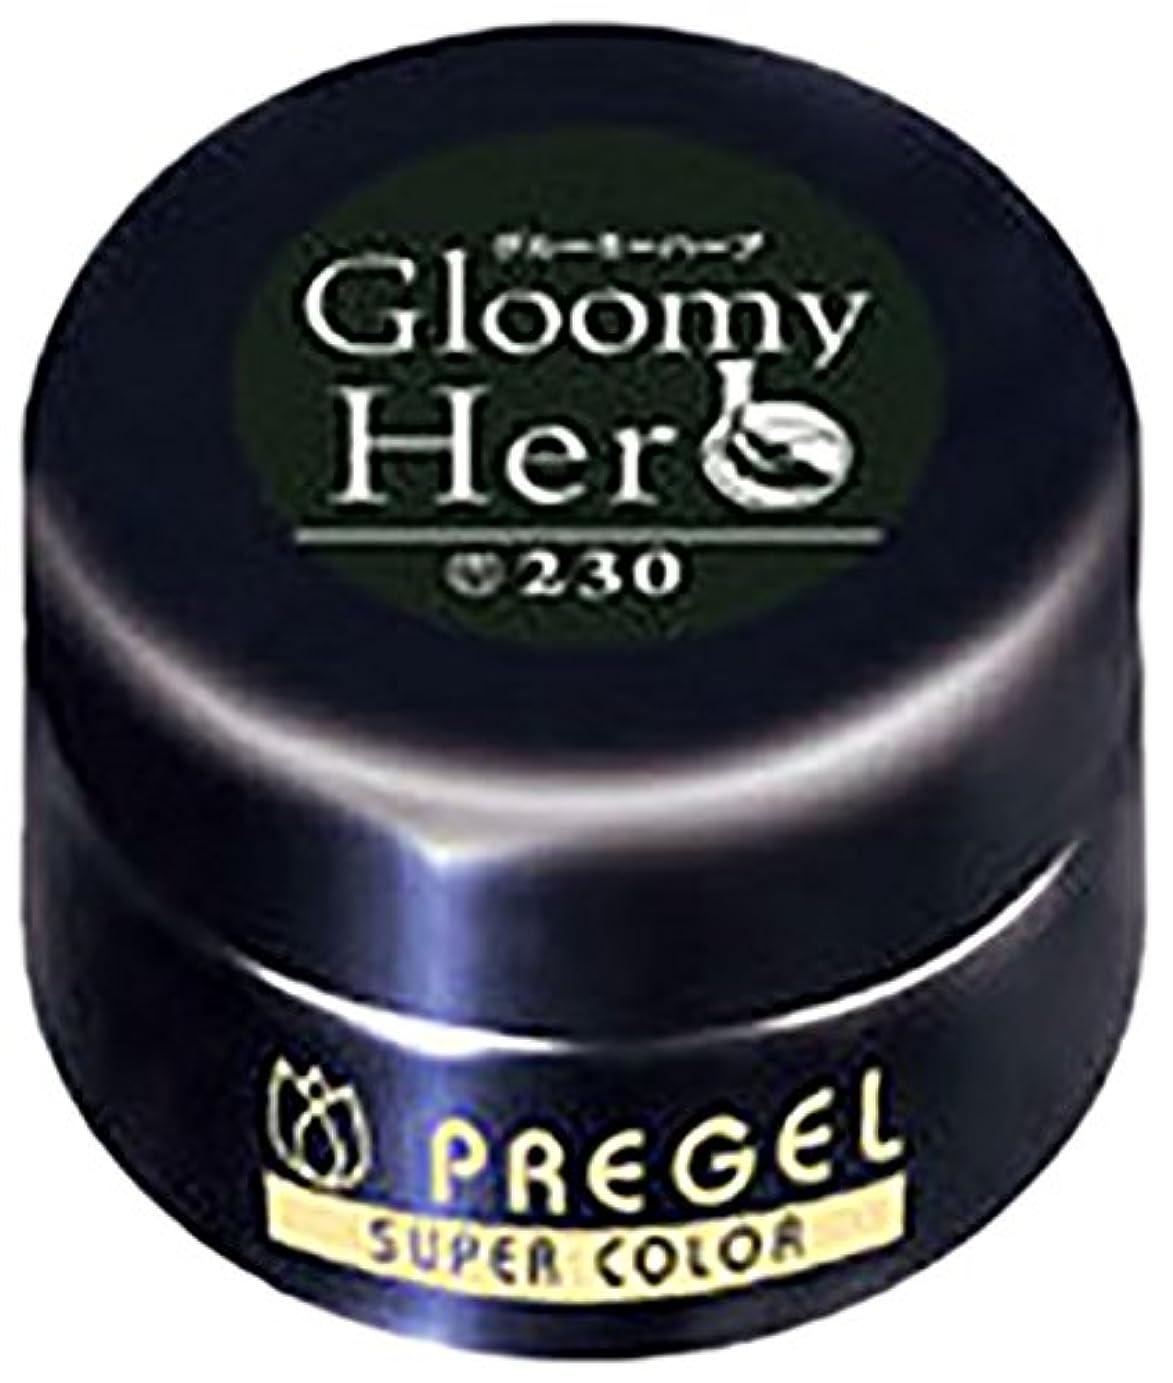 期待する謙虚な悪化させるプリジェル ジェルネイル スーパーカラーEX グルーミーハーブ 4g PG-SE230